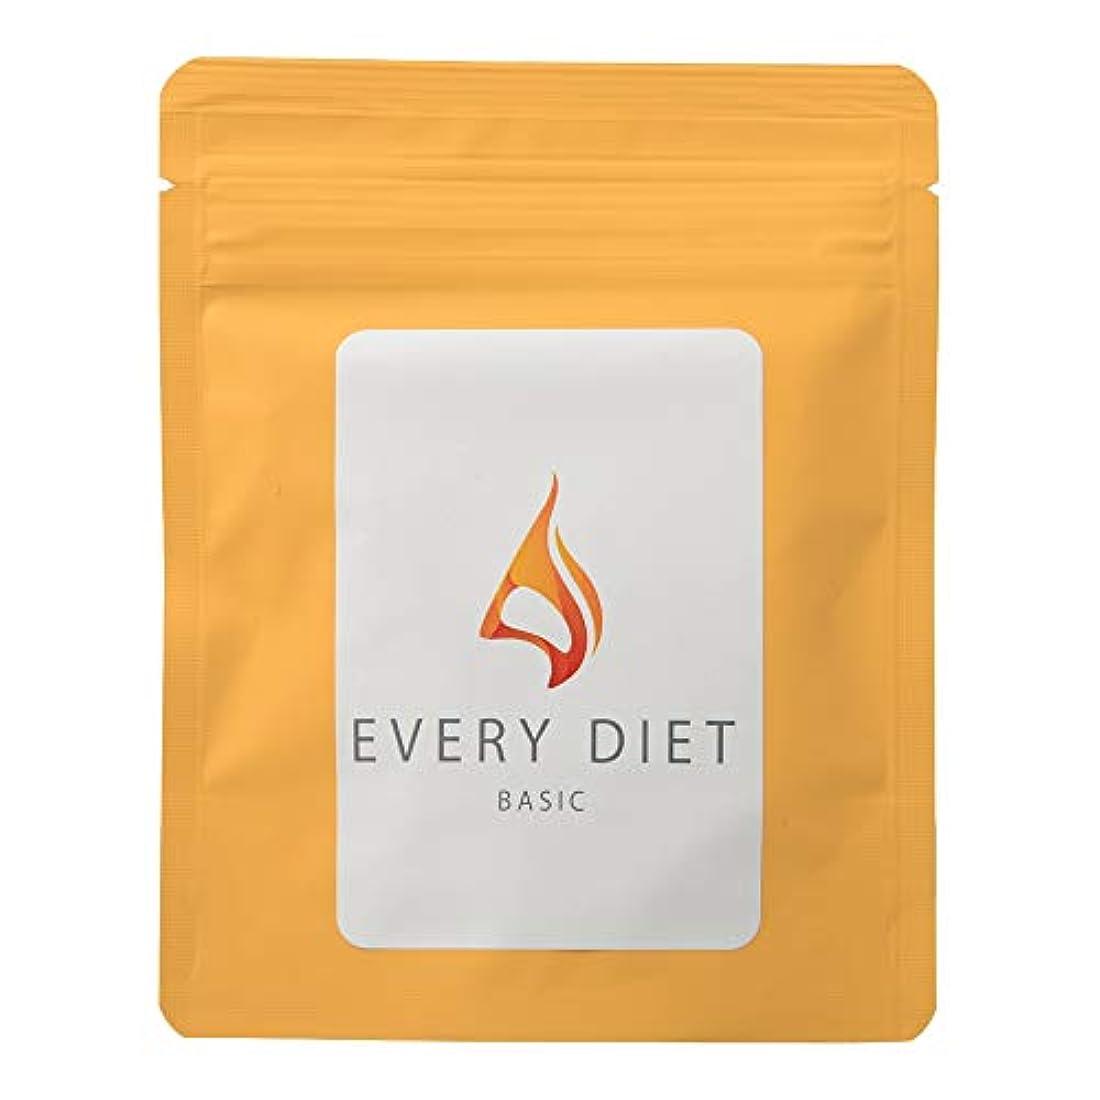 未亡人痛いエンティティEvery Diet Basic (エブリダイエット ベーシック) ダイエット サプリメント [内容量60粒/ 説明書付き]